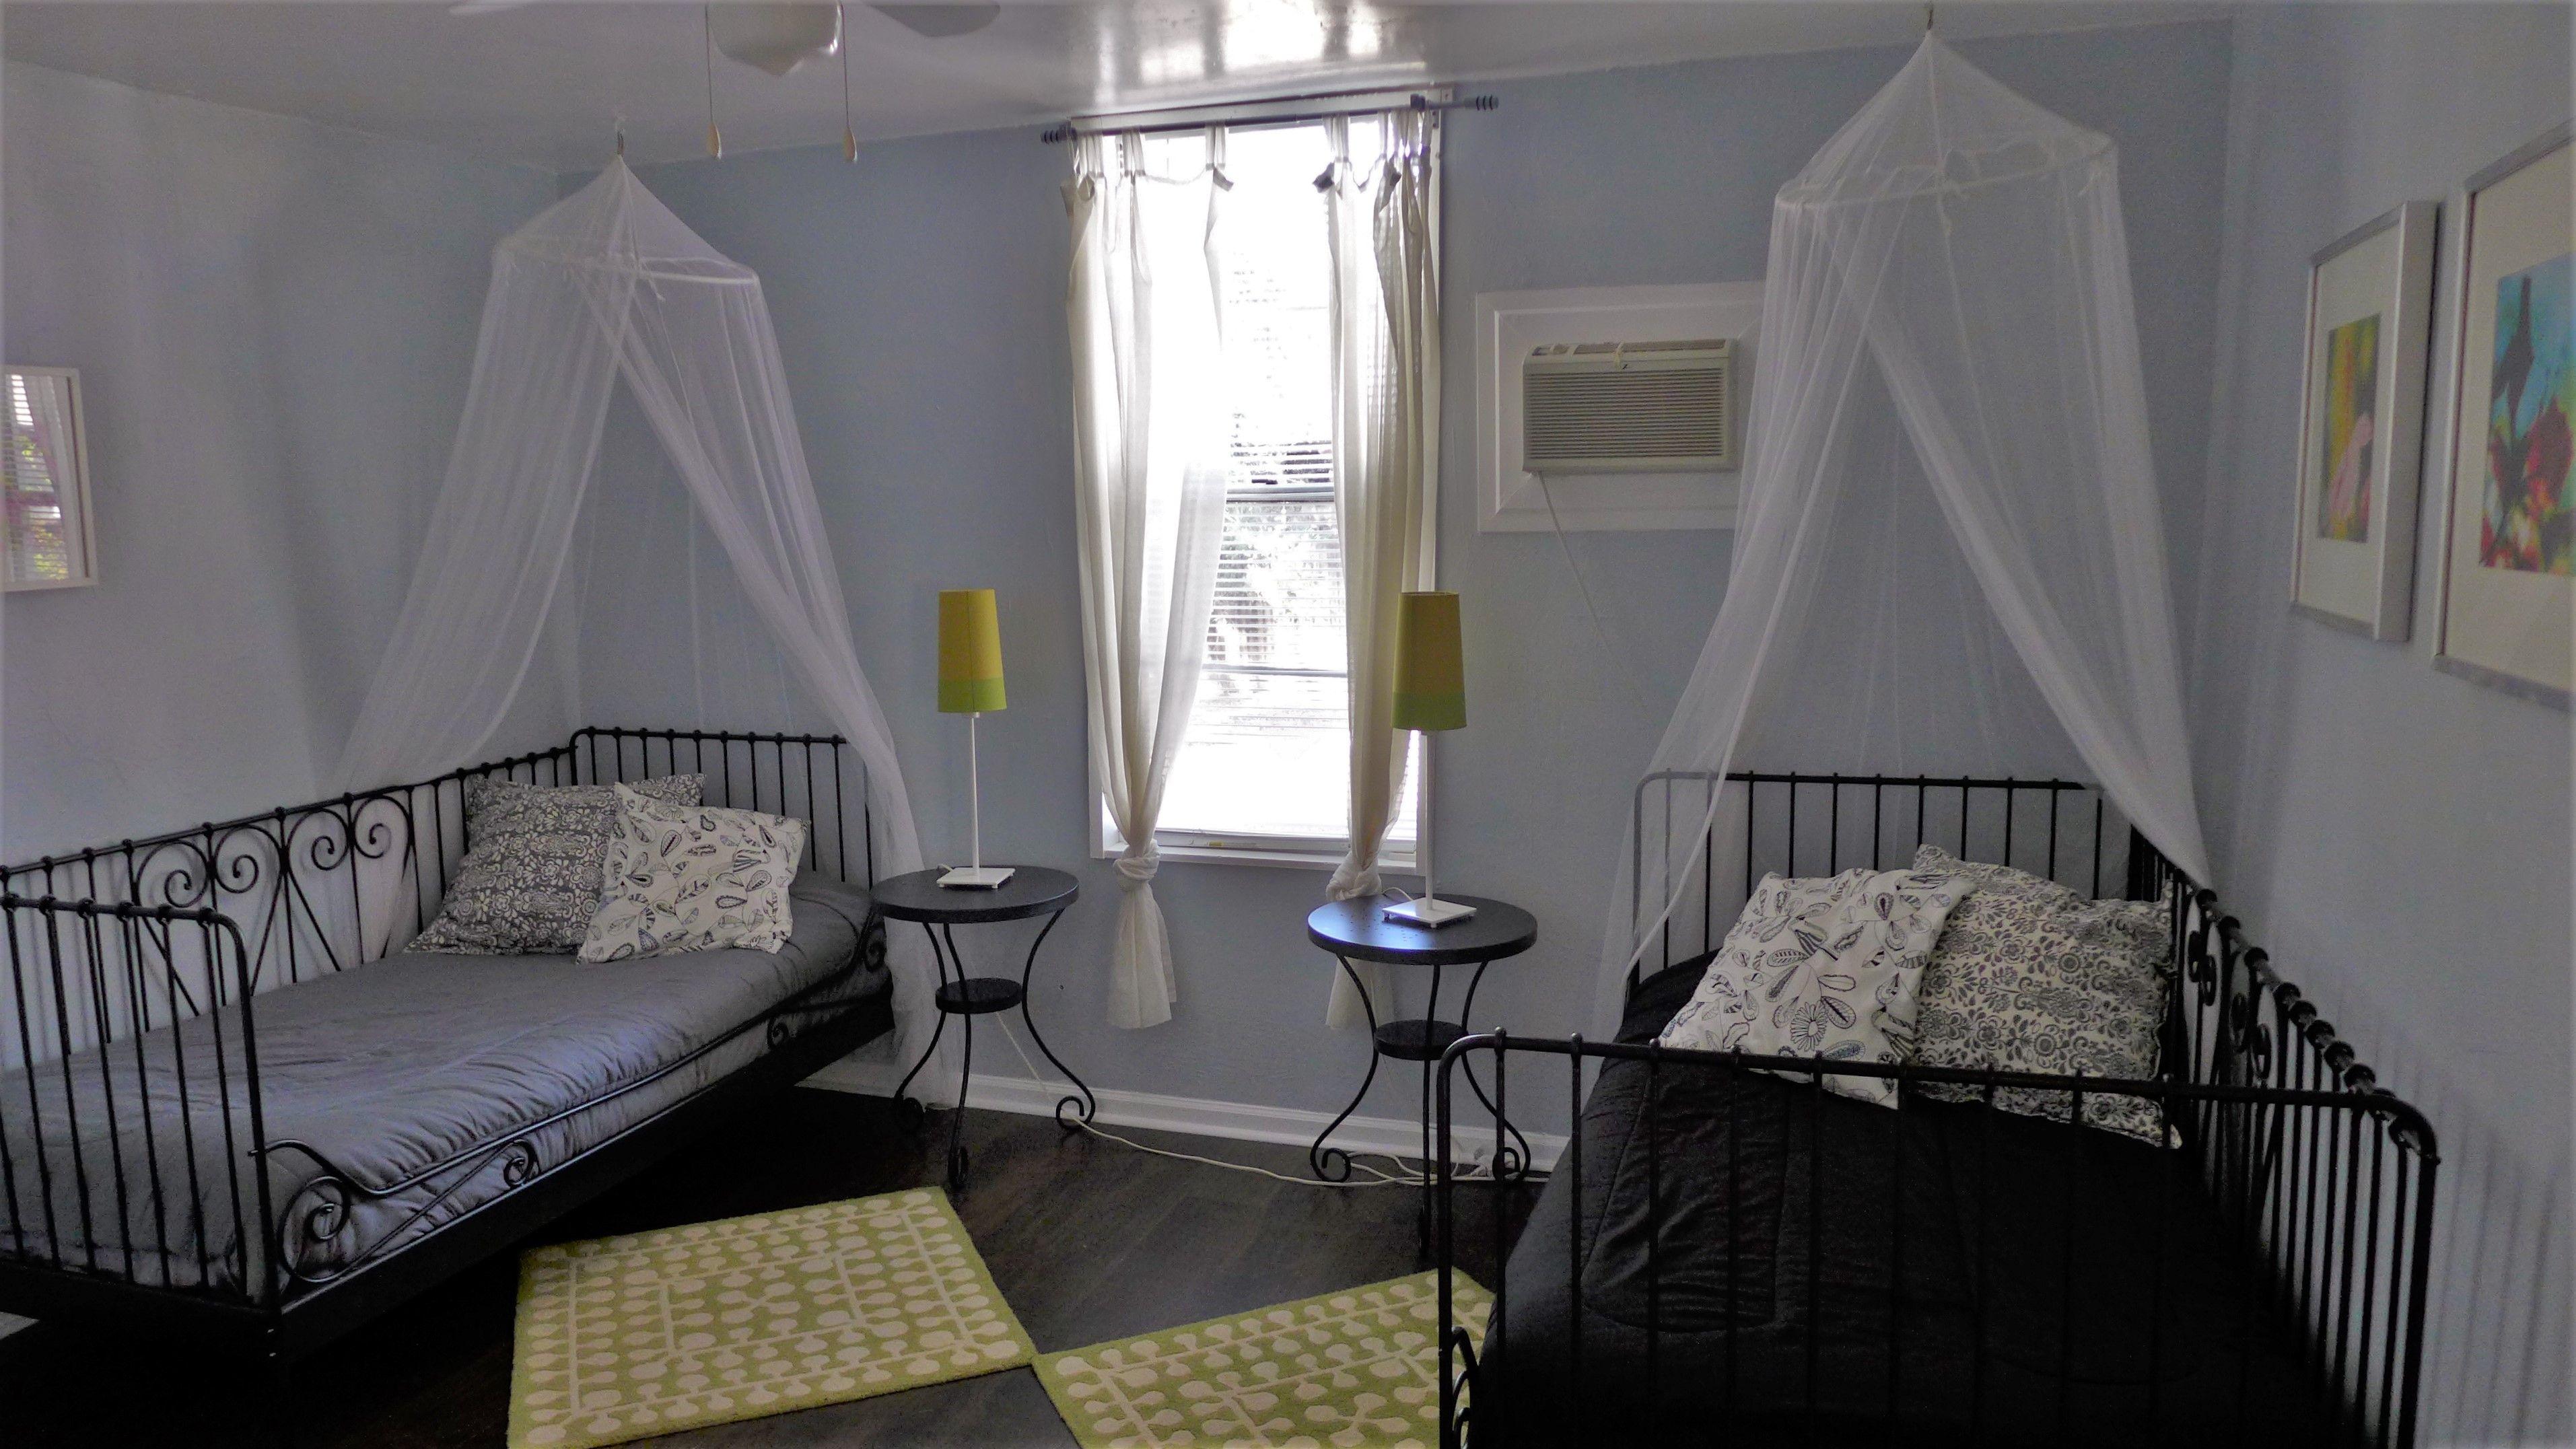 Amerikanische Schlafzimmer ~ Apartment sanibel schlafzimmer 2 jetzt buchen unter florida4you